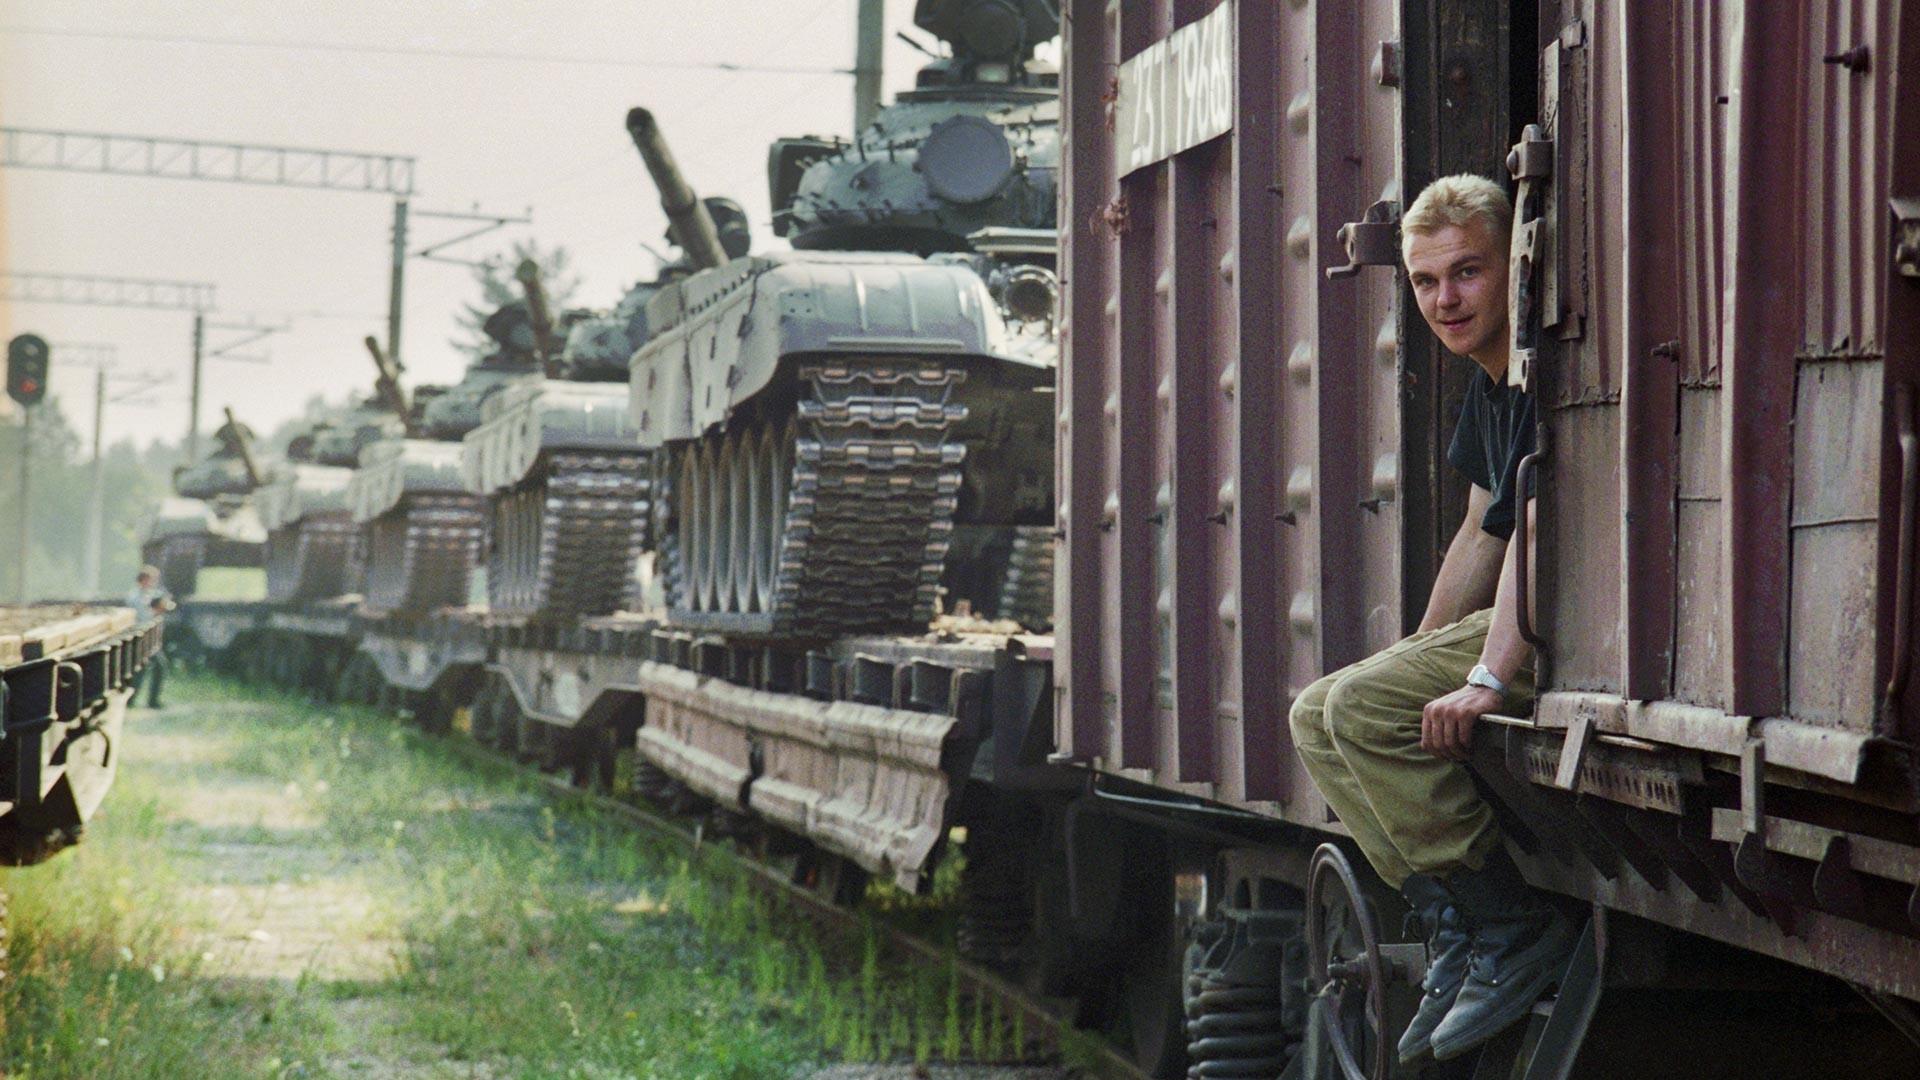 Повлекување на единиците од Латвија. Ешалон пред враќање во РФ